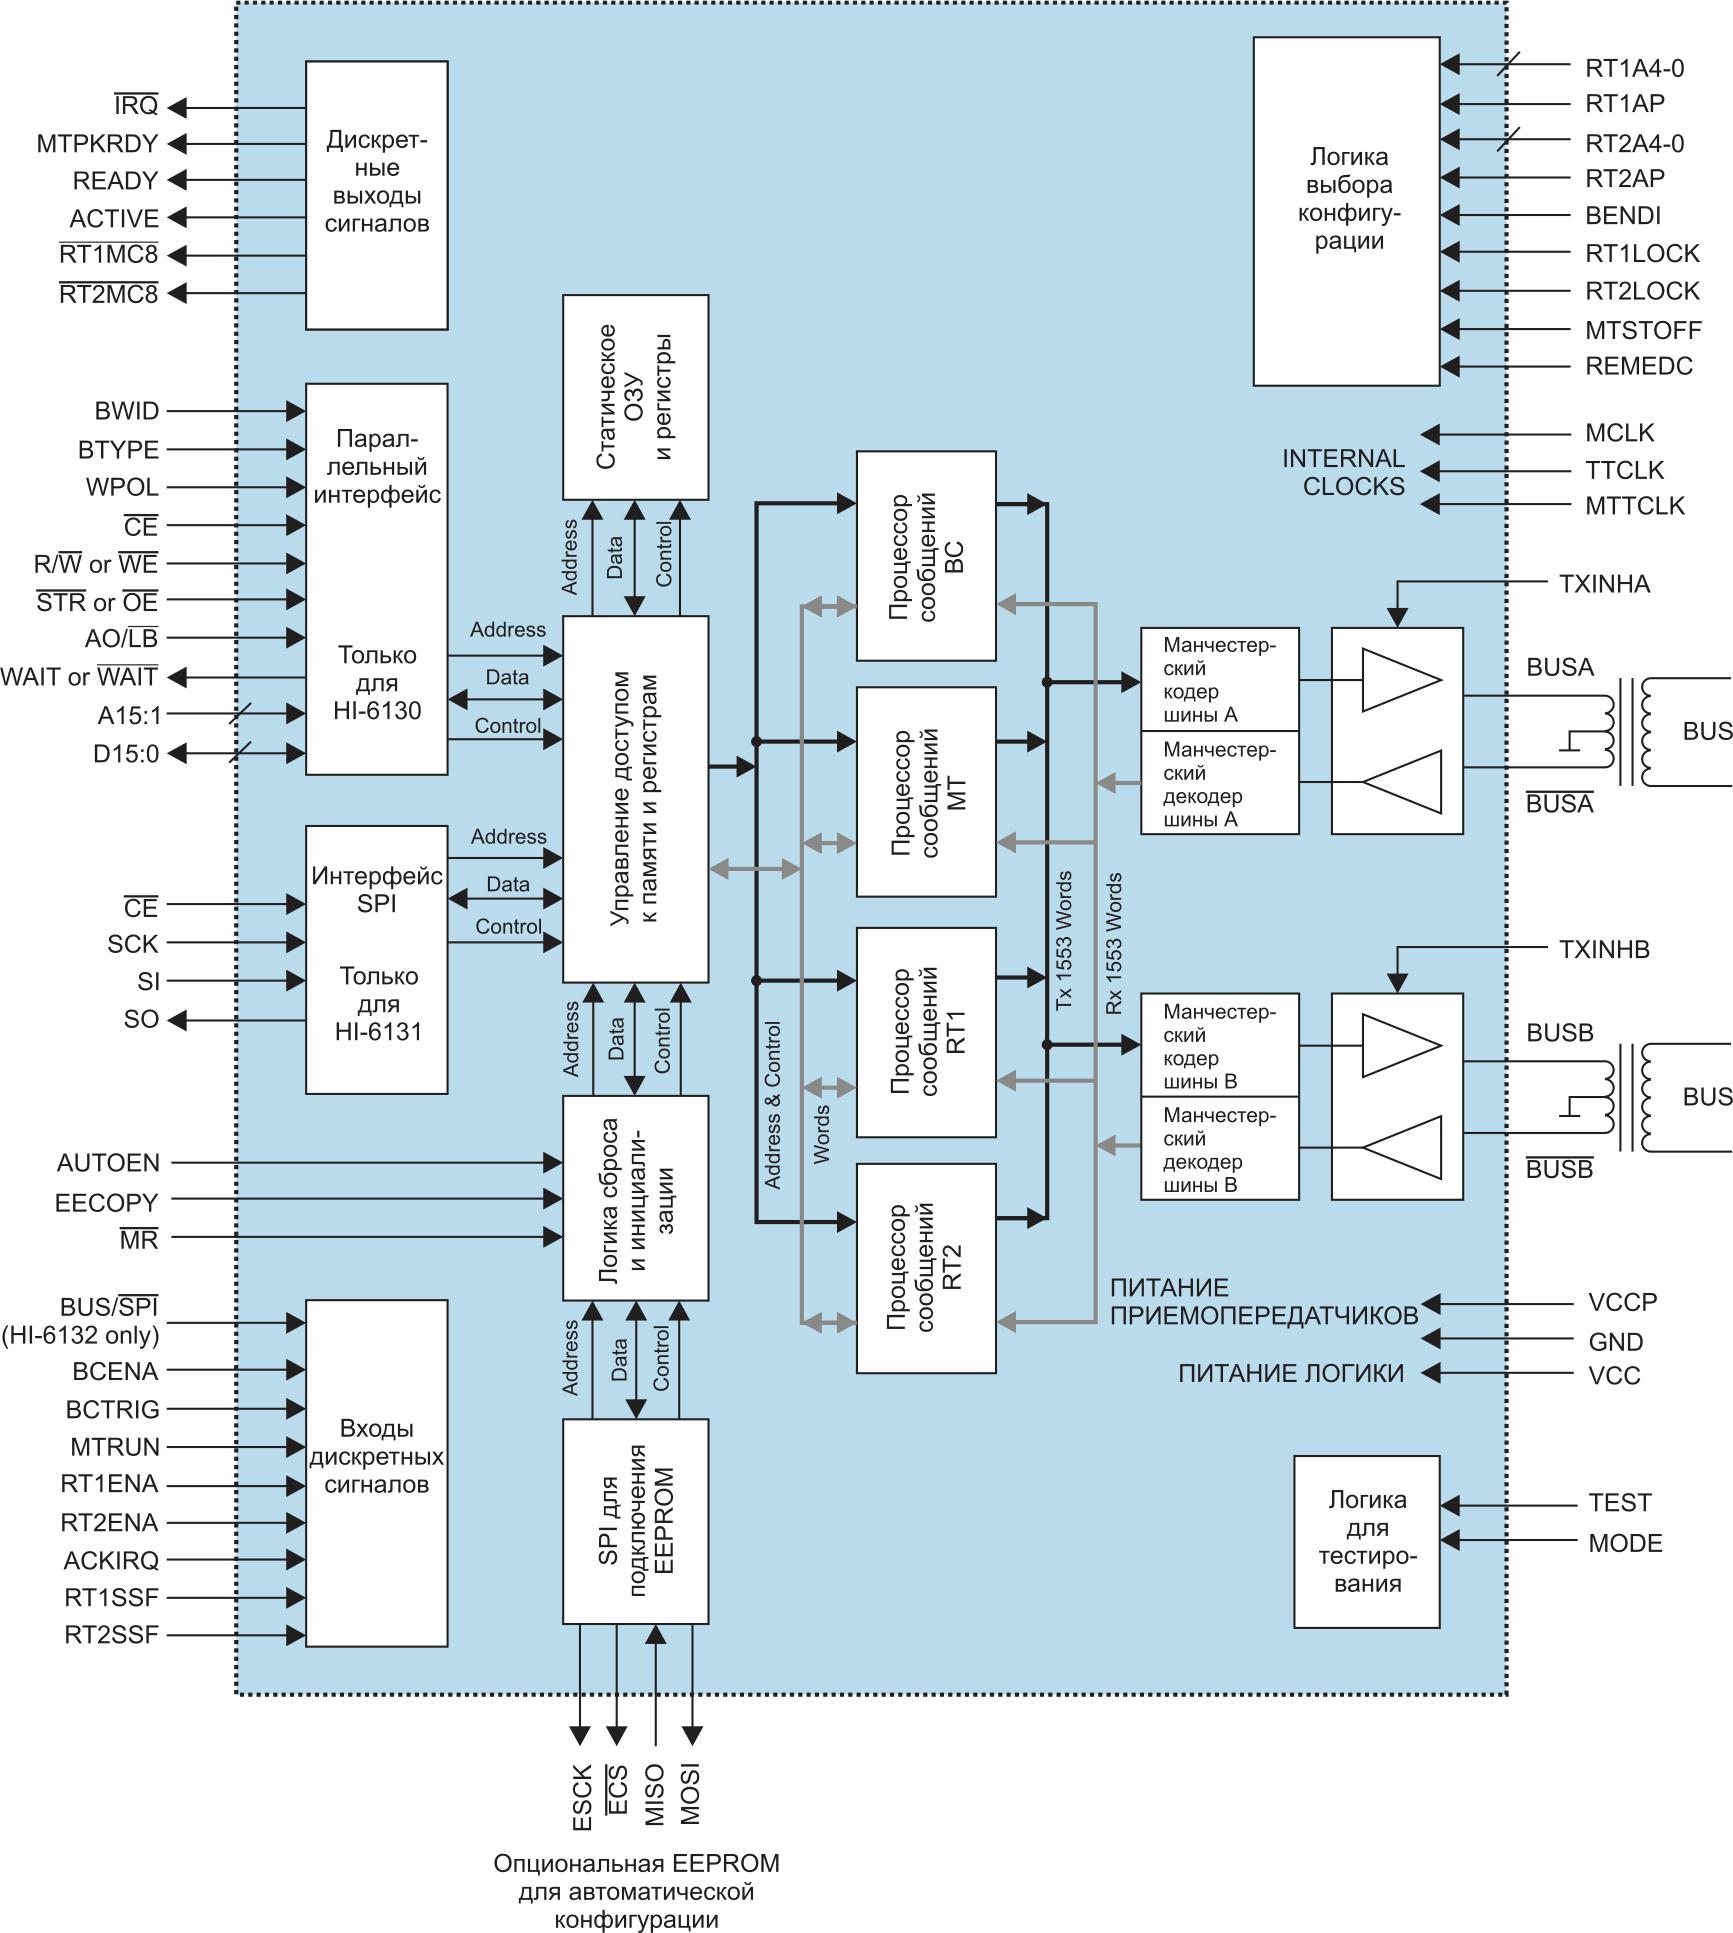 Структура интегрированных терминалов HI‐6130 и HI‐6131 фирмы Holt